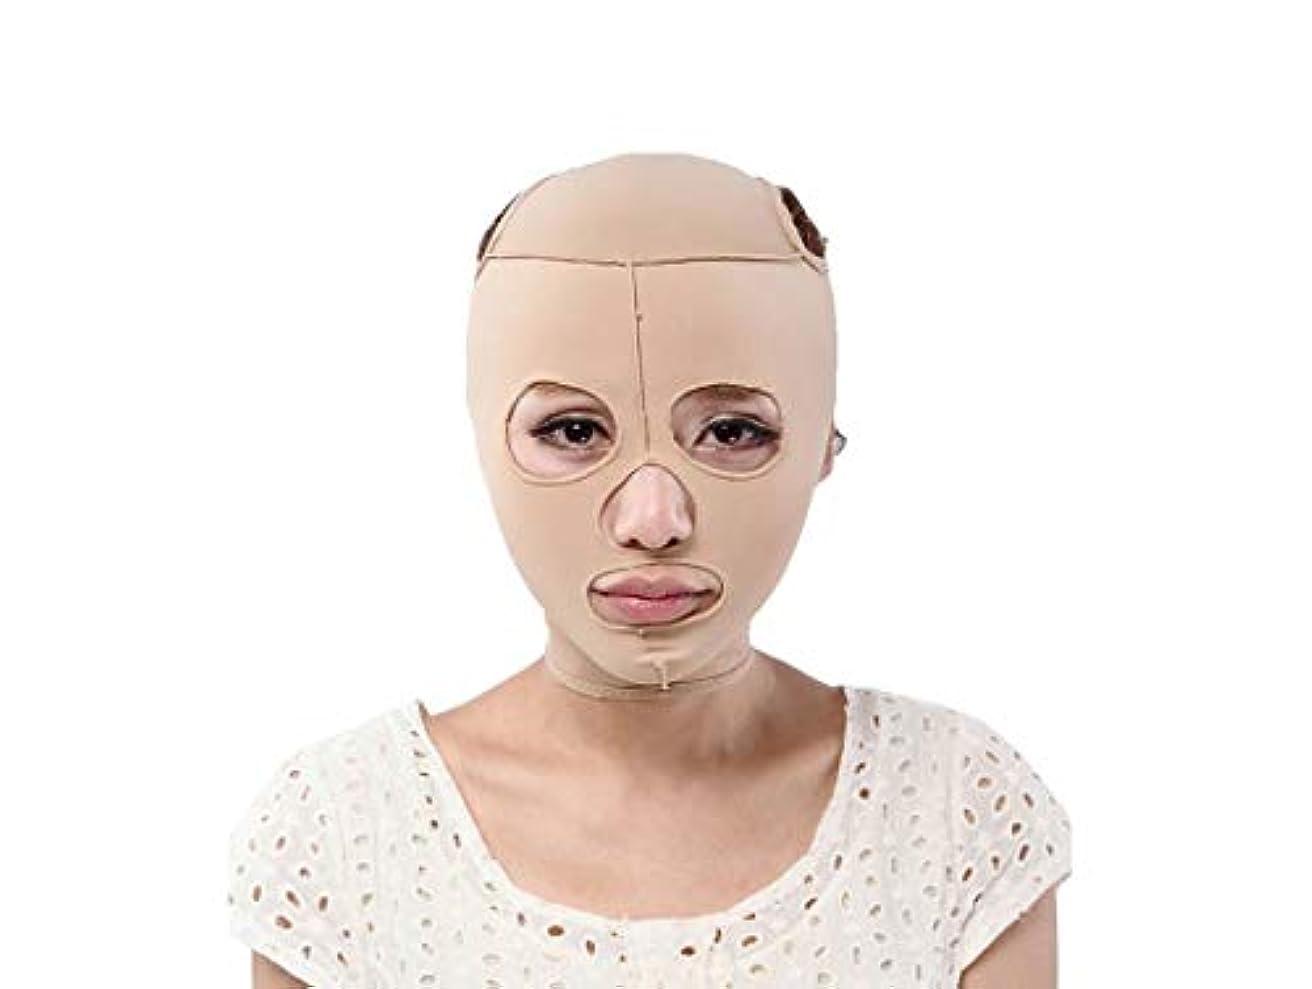 ドライブ海港ローマ人痩身ベルト、フェイスマスク薄い顔楽器リフティング引き締めvフェイス男性と女性フェイスリフティングステッカー二重あごフェイスリフティングフェイスマスク包帯フェイシャルマッサージ (Size : L)